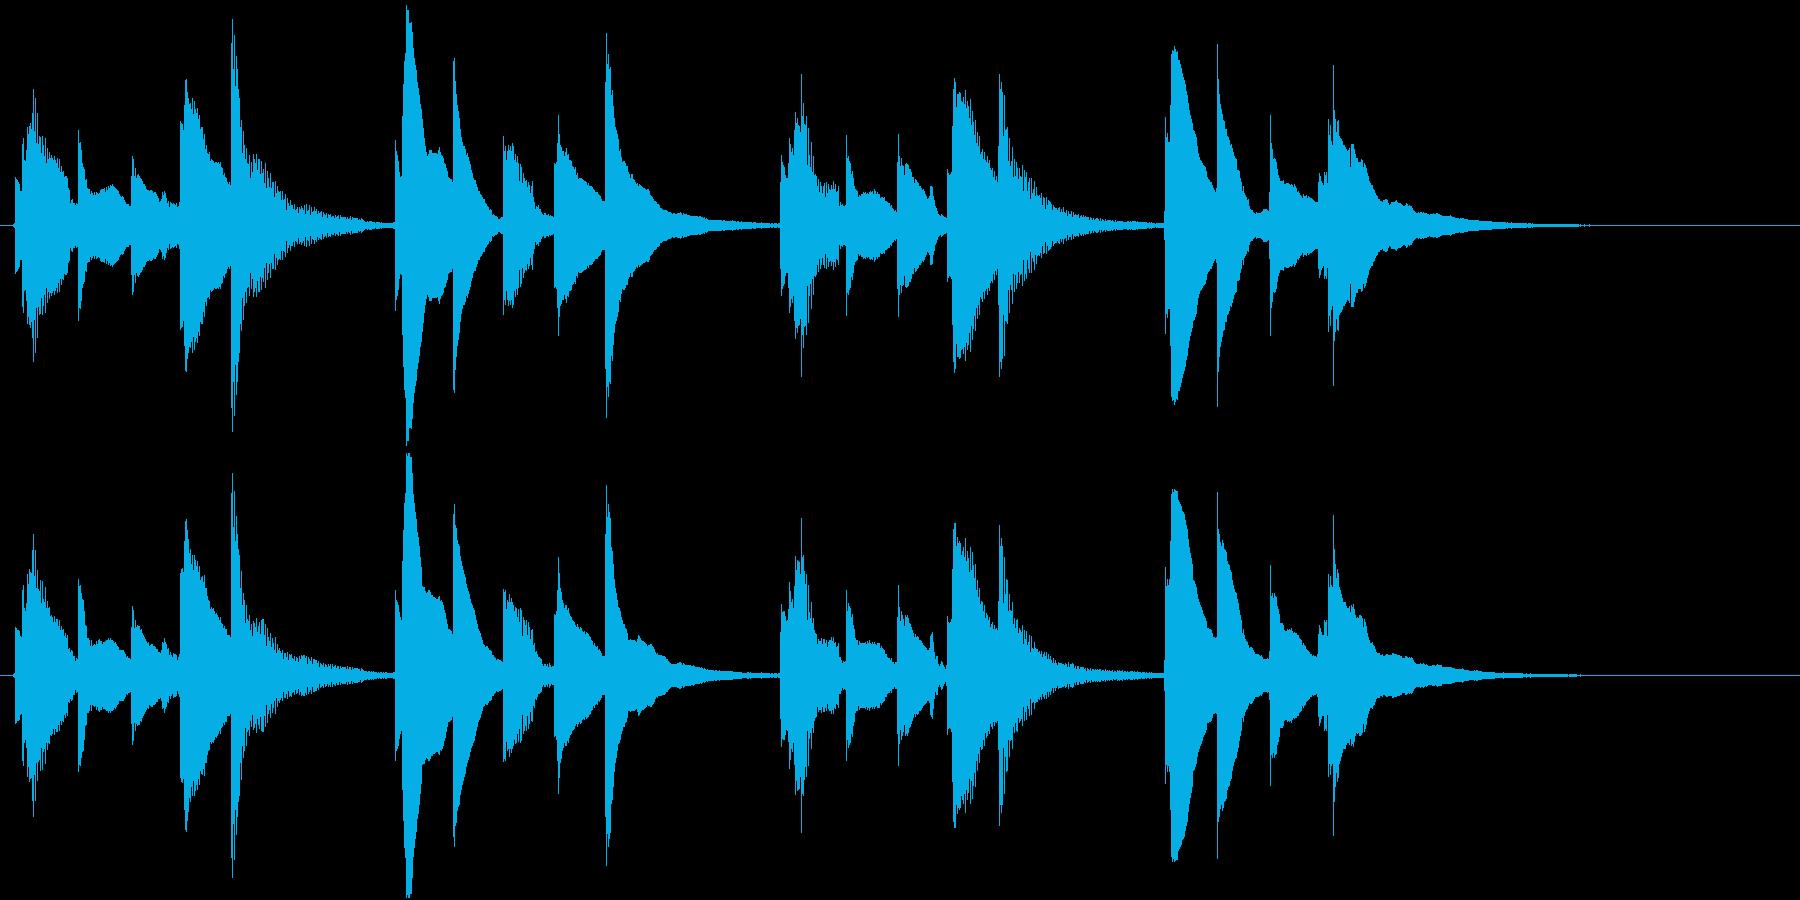 ウクレレ1本のみ(短いフレーズ系)の再生済みの波形